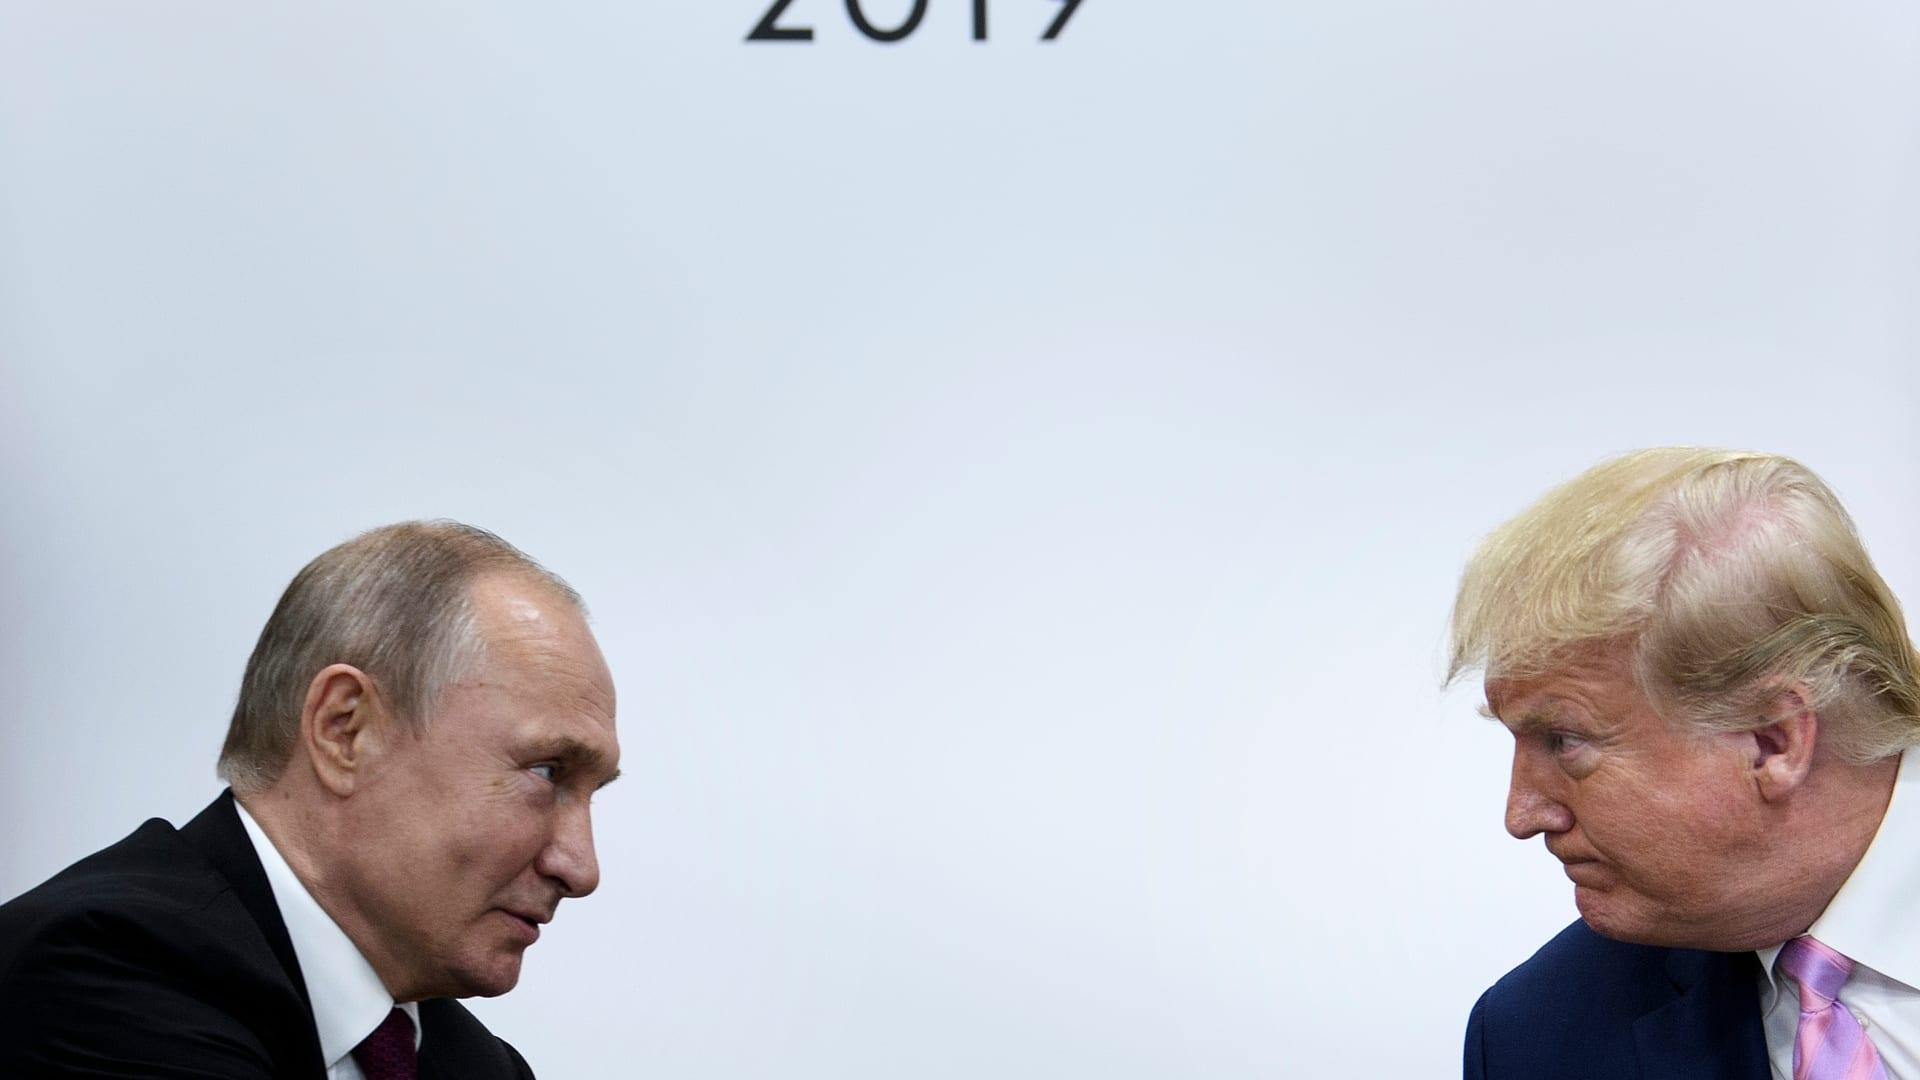 هل تتسبب مكالمة ترامب مع رئيس أوكرانيا بعزله؟